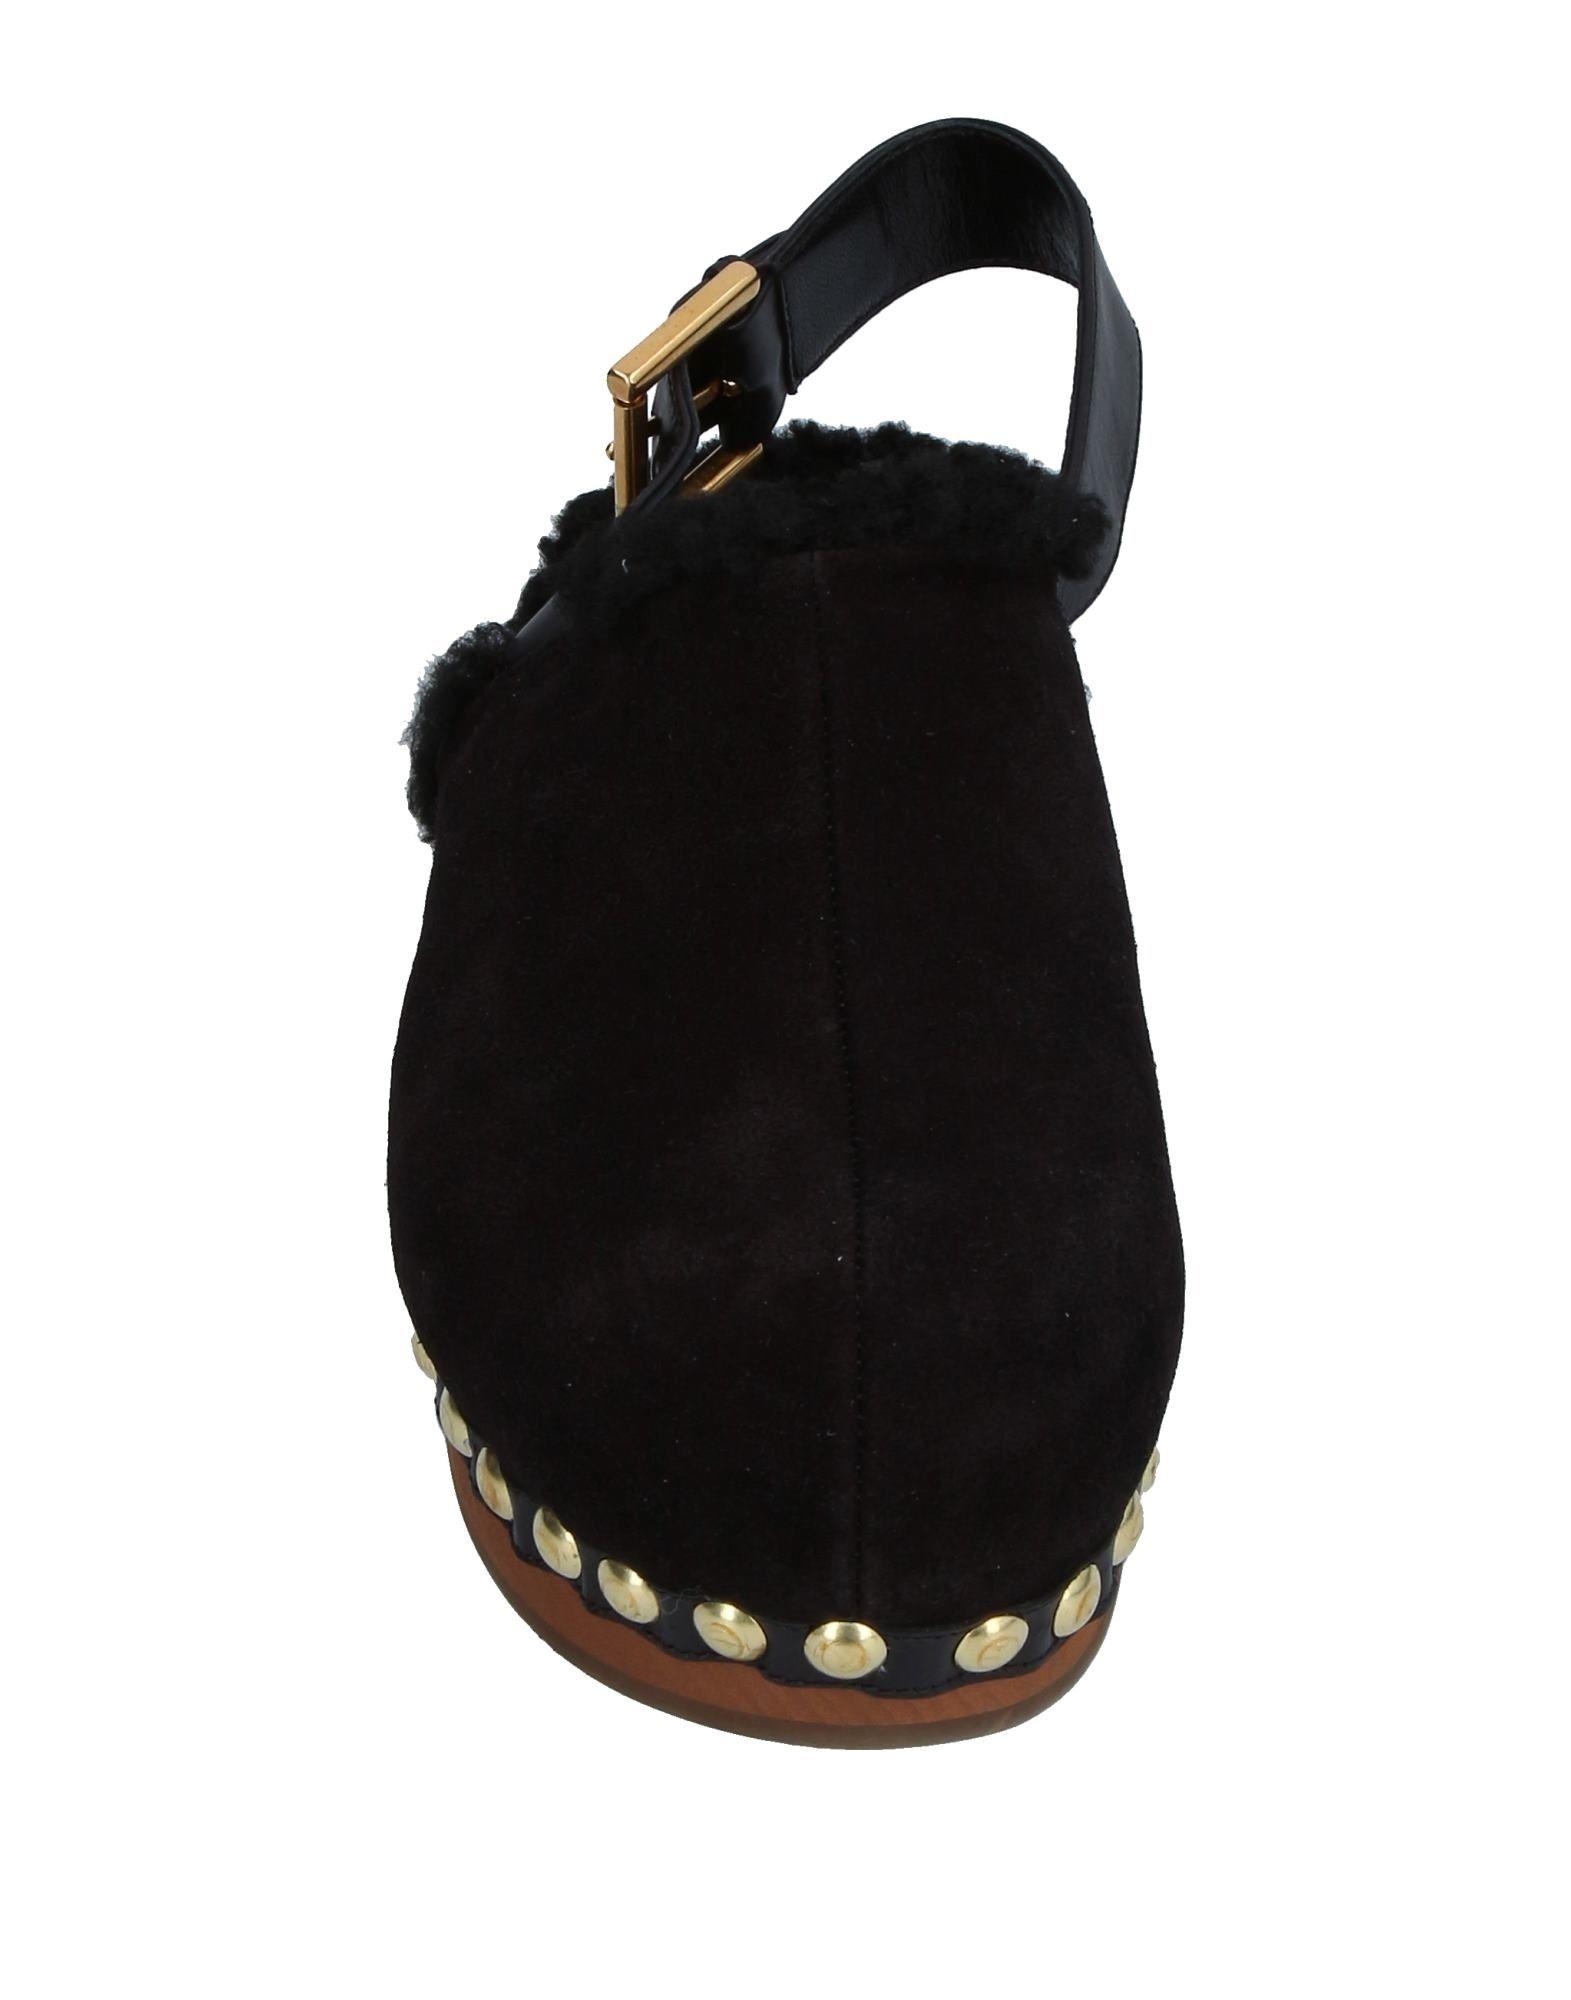 Alexander Mcqueen gut Pantoletten Damen  11214684KAGünstige gut Mcqueen aussehende Schuhe a861dc